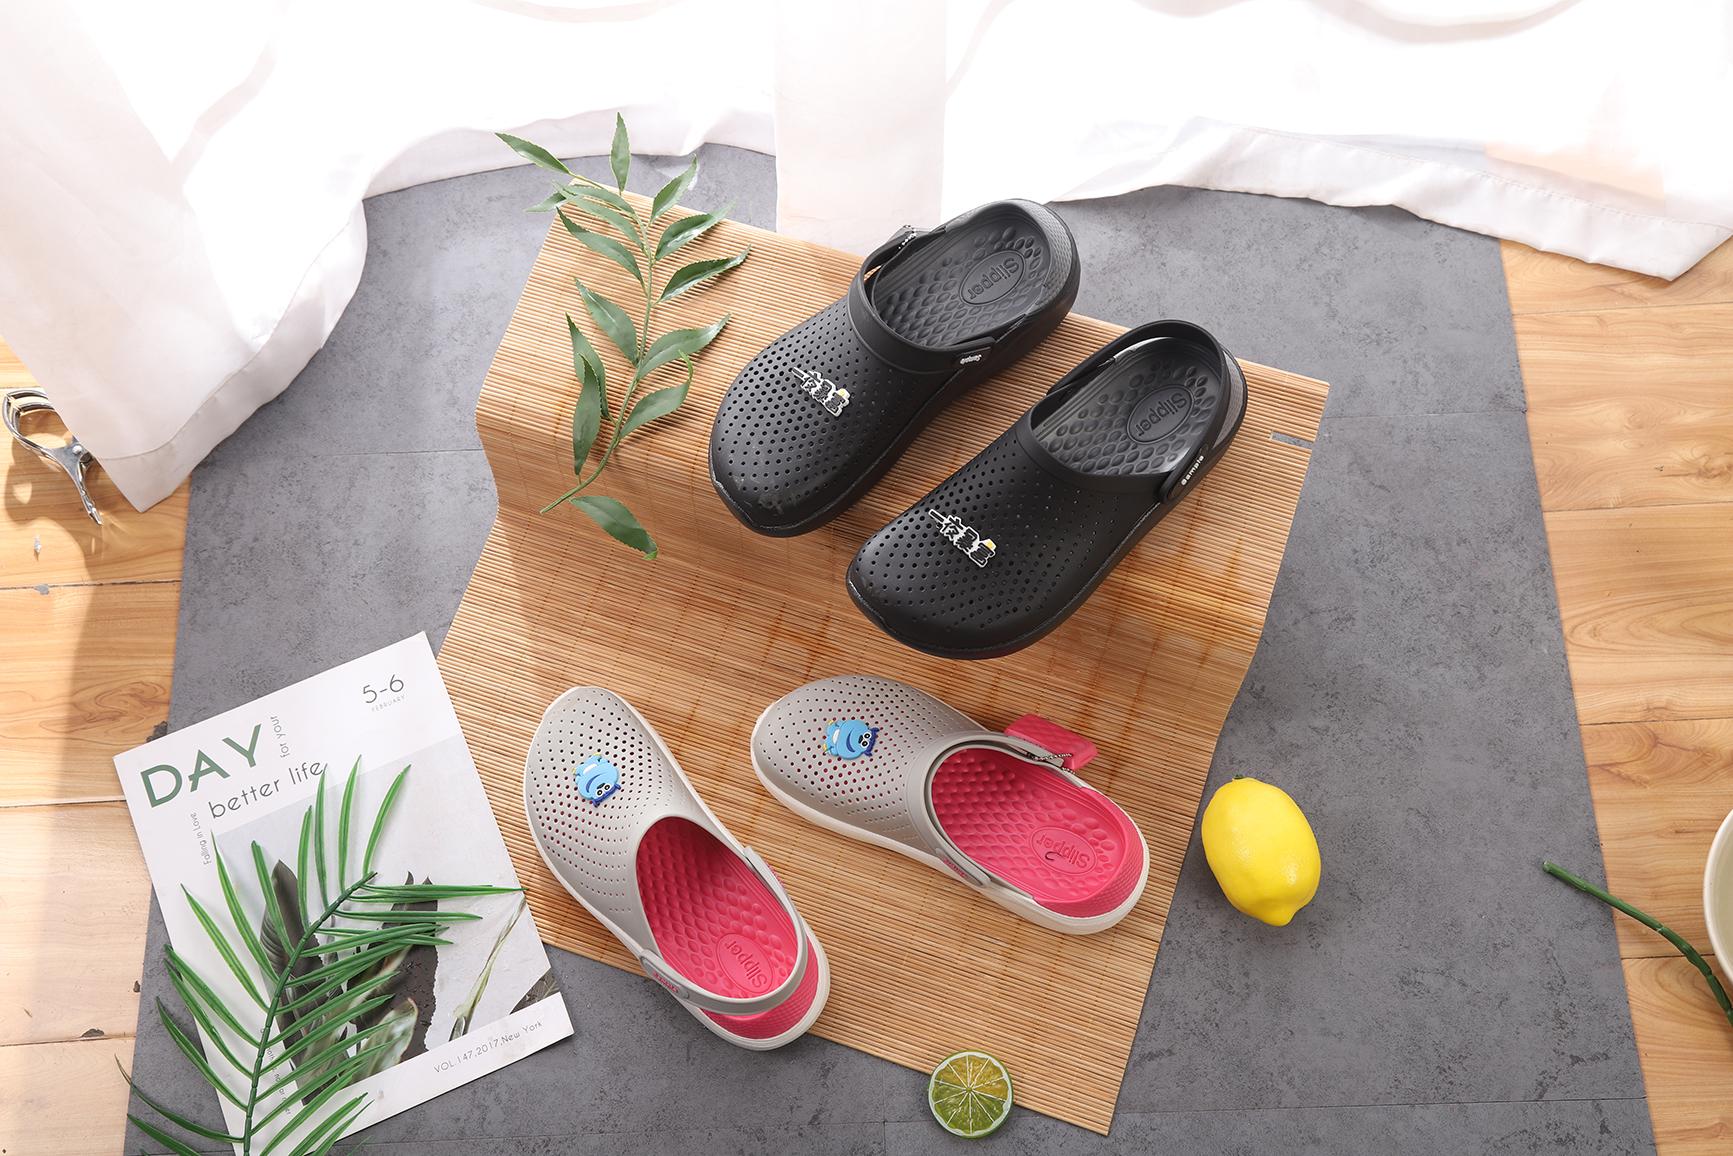 Мужские цветные пляжные сандалии, повседневные шлепанцы, Эва, натуральные, водонепроницаемые, летние тапки